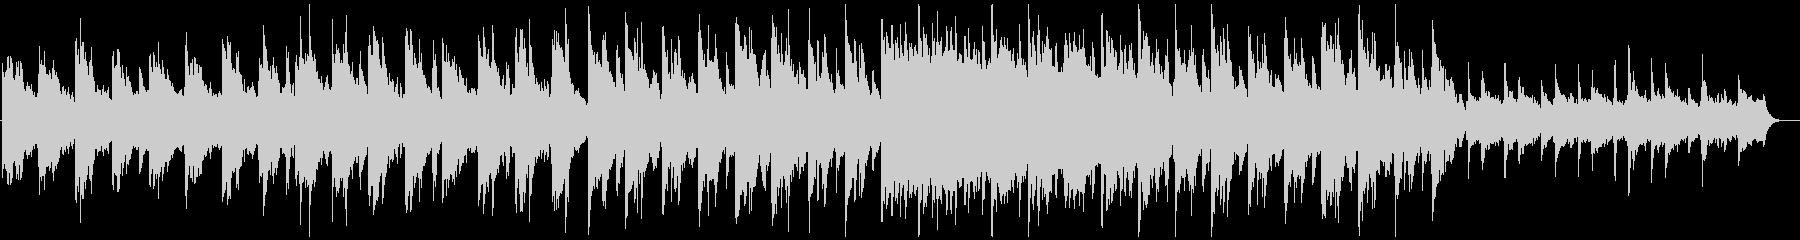 ジブリ調、ドリーミーなピアノのBGMの未再生の波形